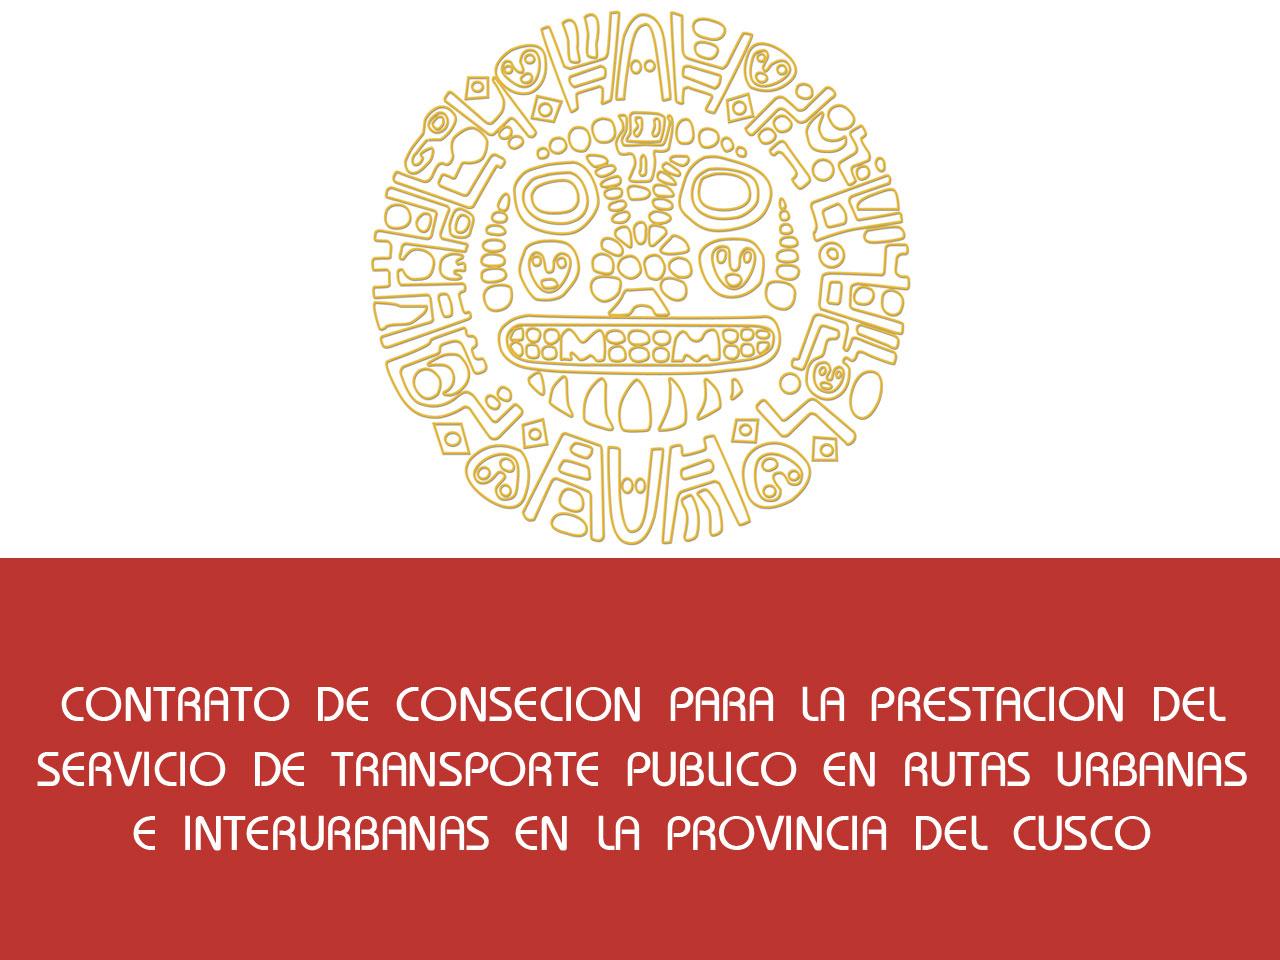 Contrato de Concesion Rutas Urbanas Cusco